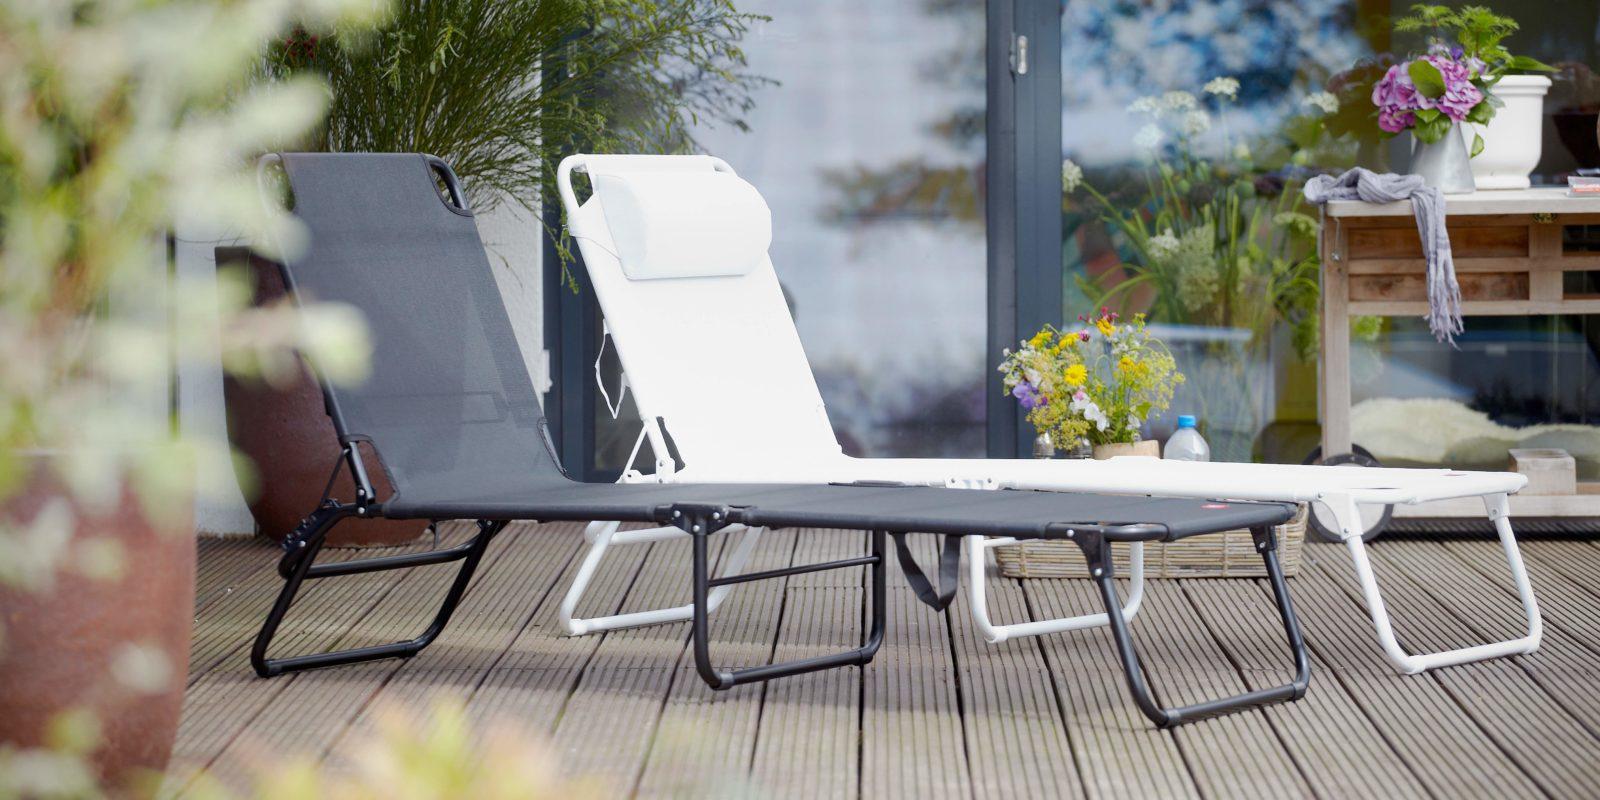 chaise longue amigo fiam buxus mobilier de jardin bordeaux. Black Bedroom Furniture Sets. Home Design Ideas